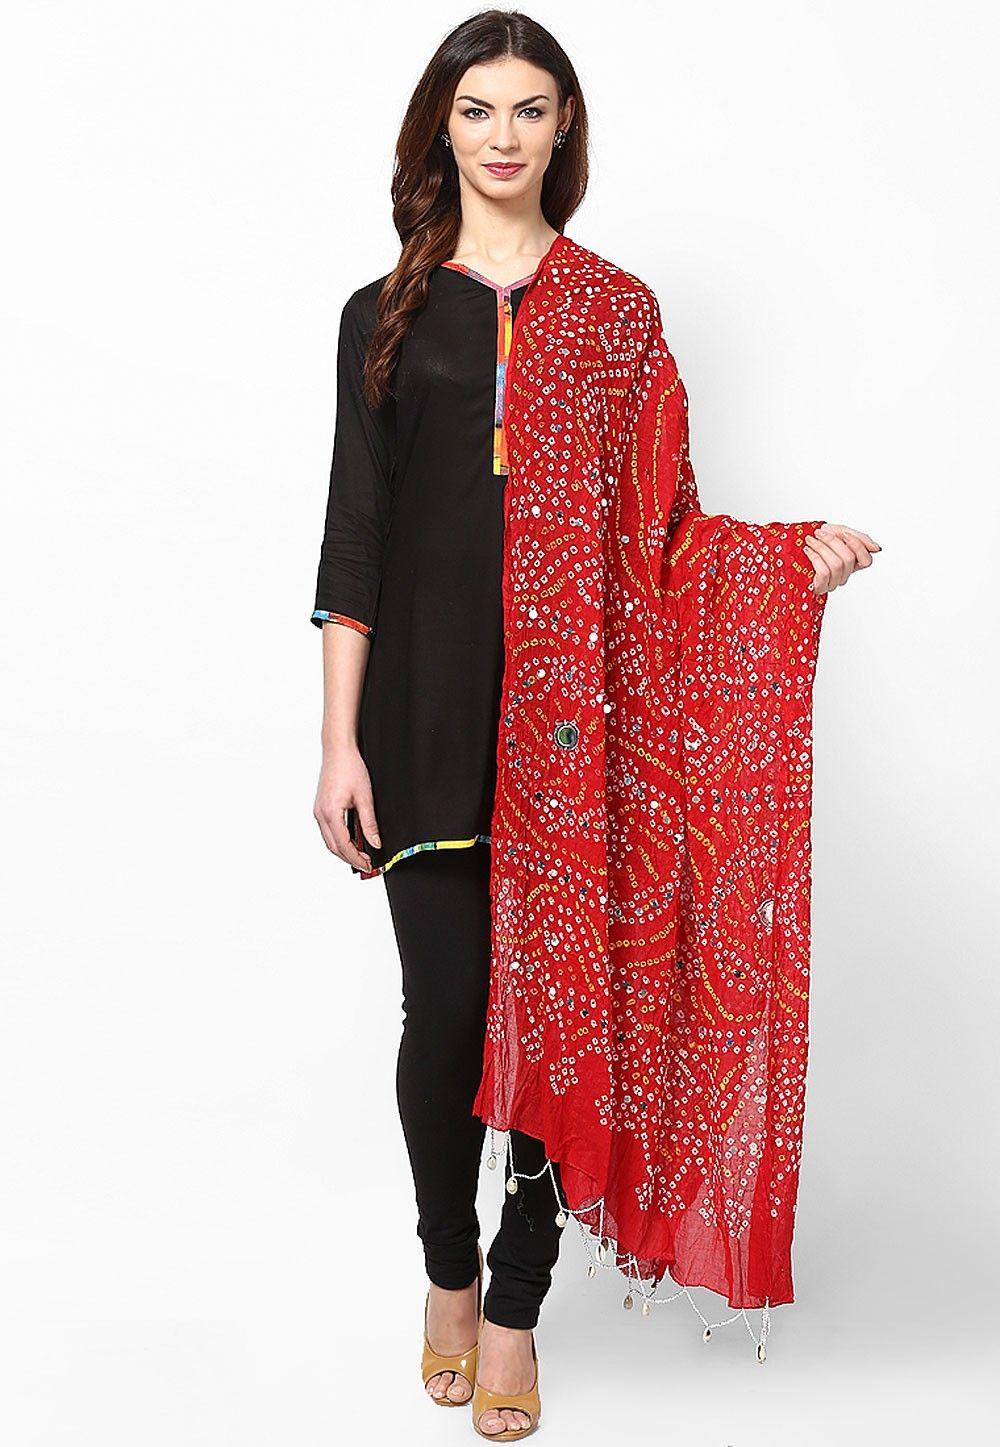 Bandhani Printed Cotton Dupatta in Red